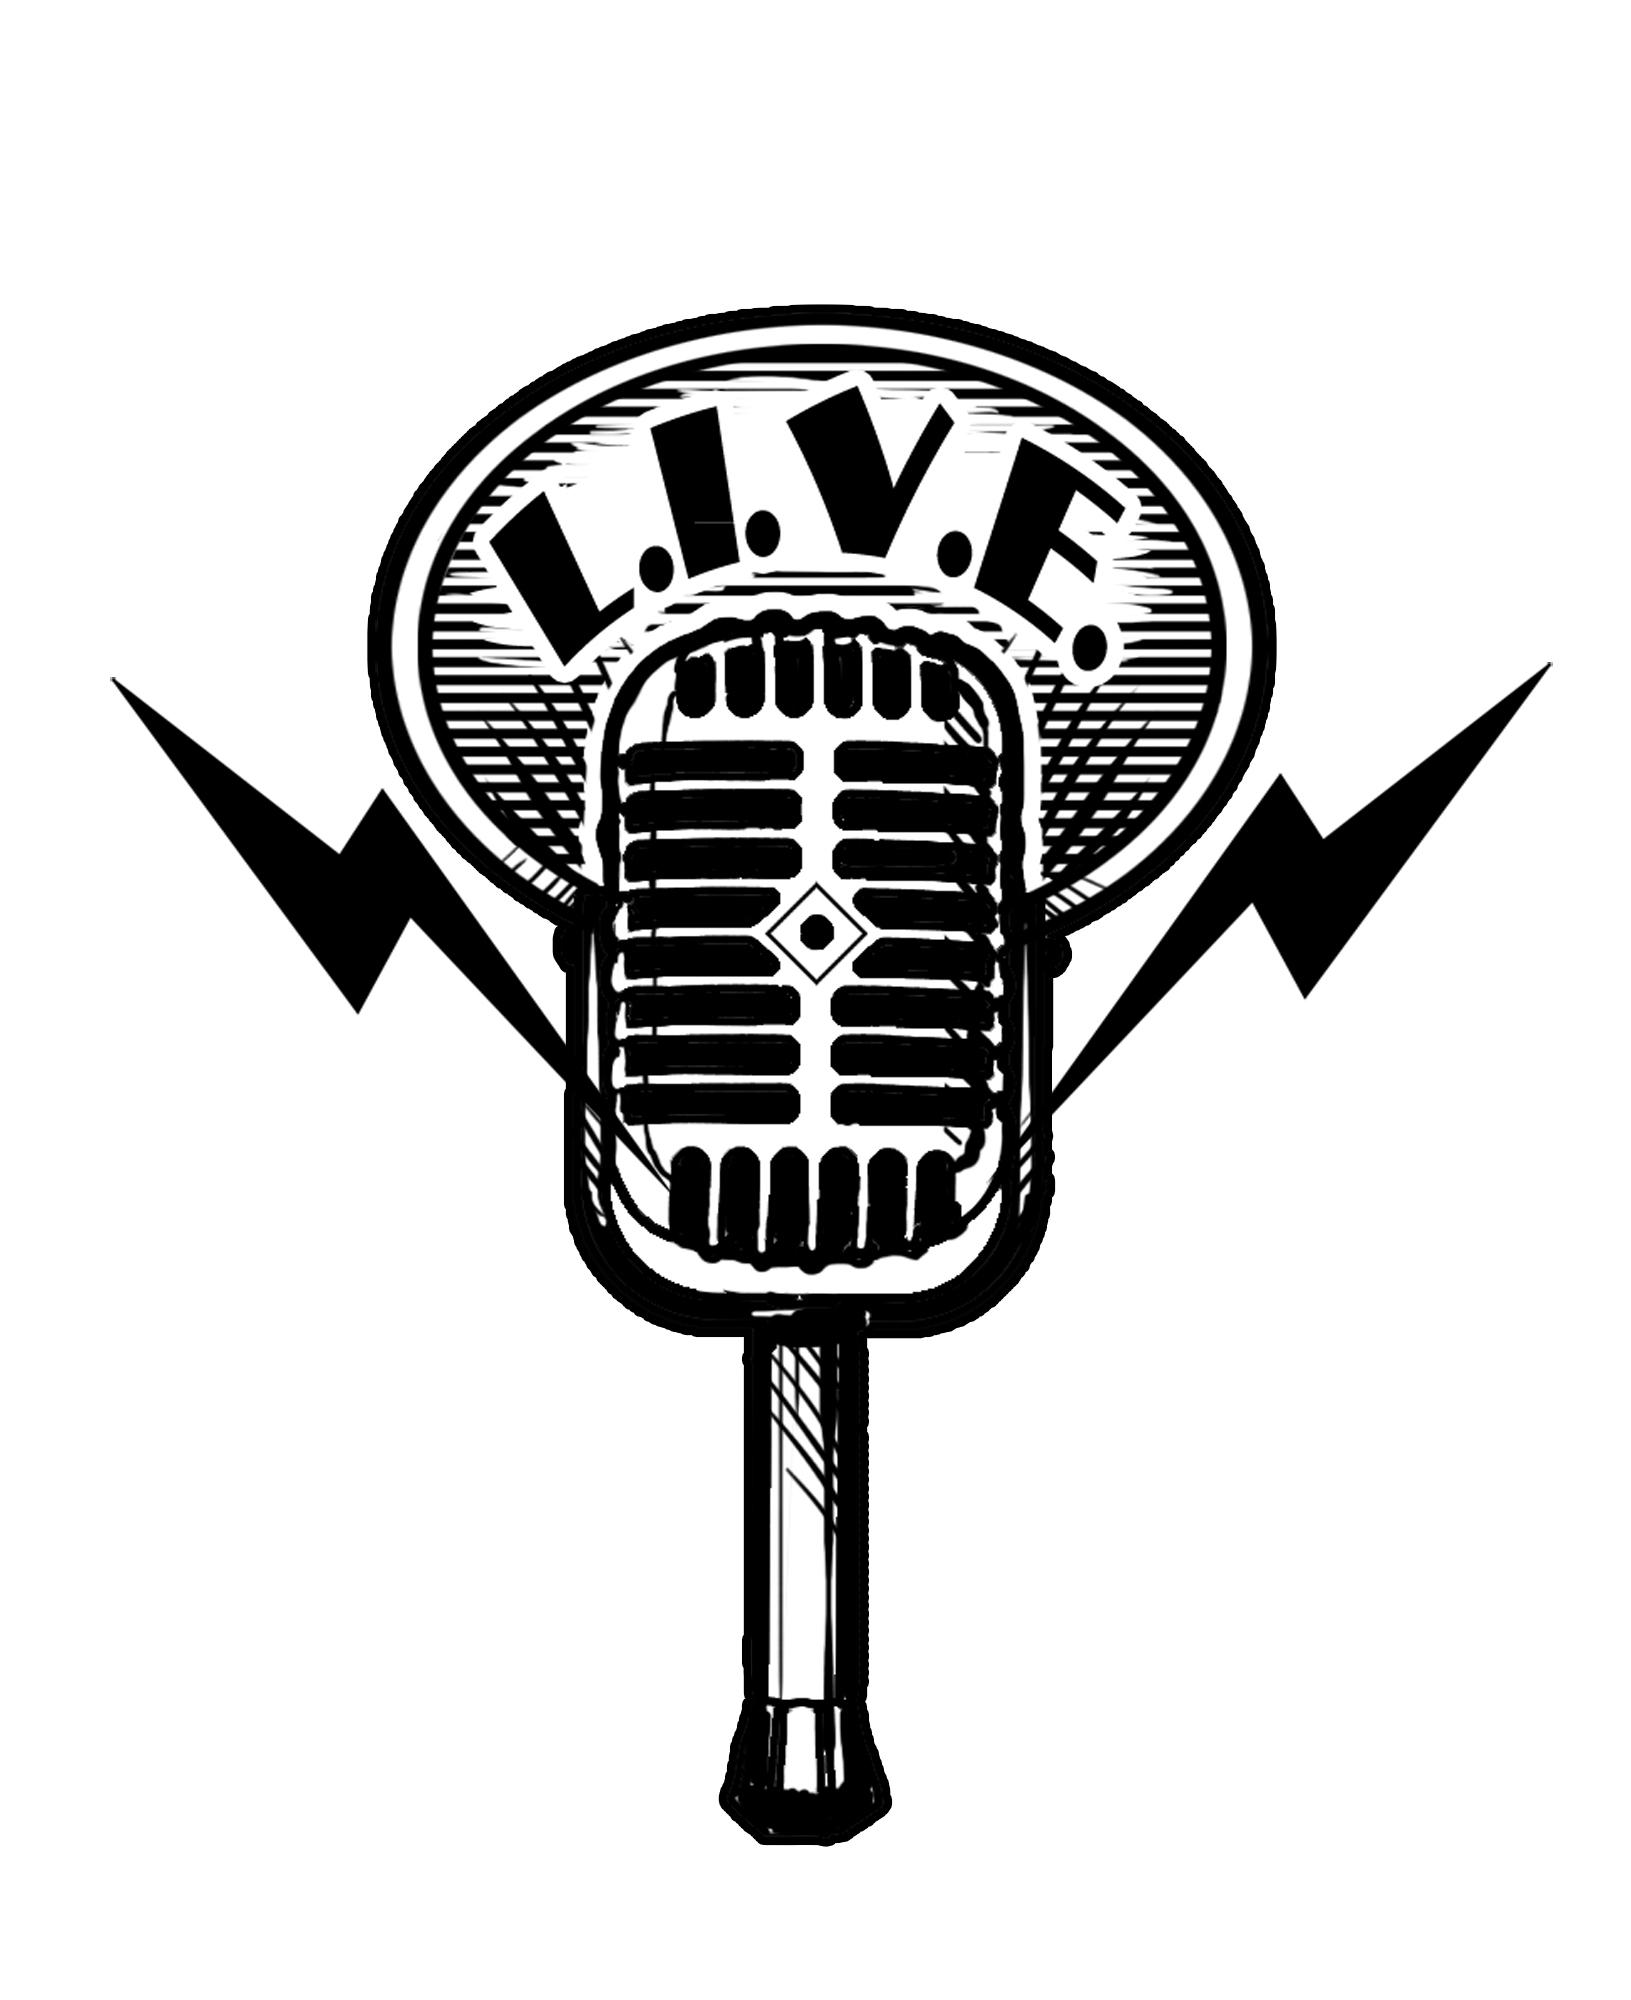 Vintage microphone drawing